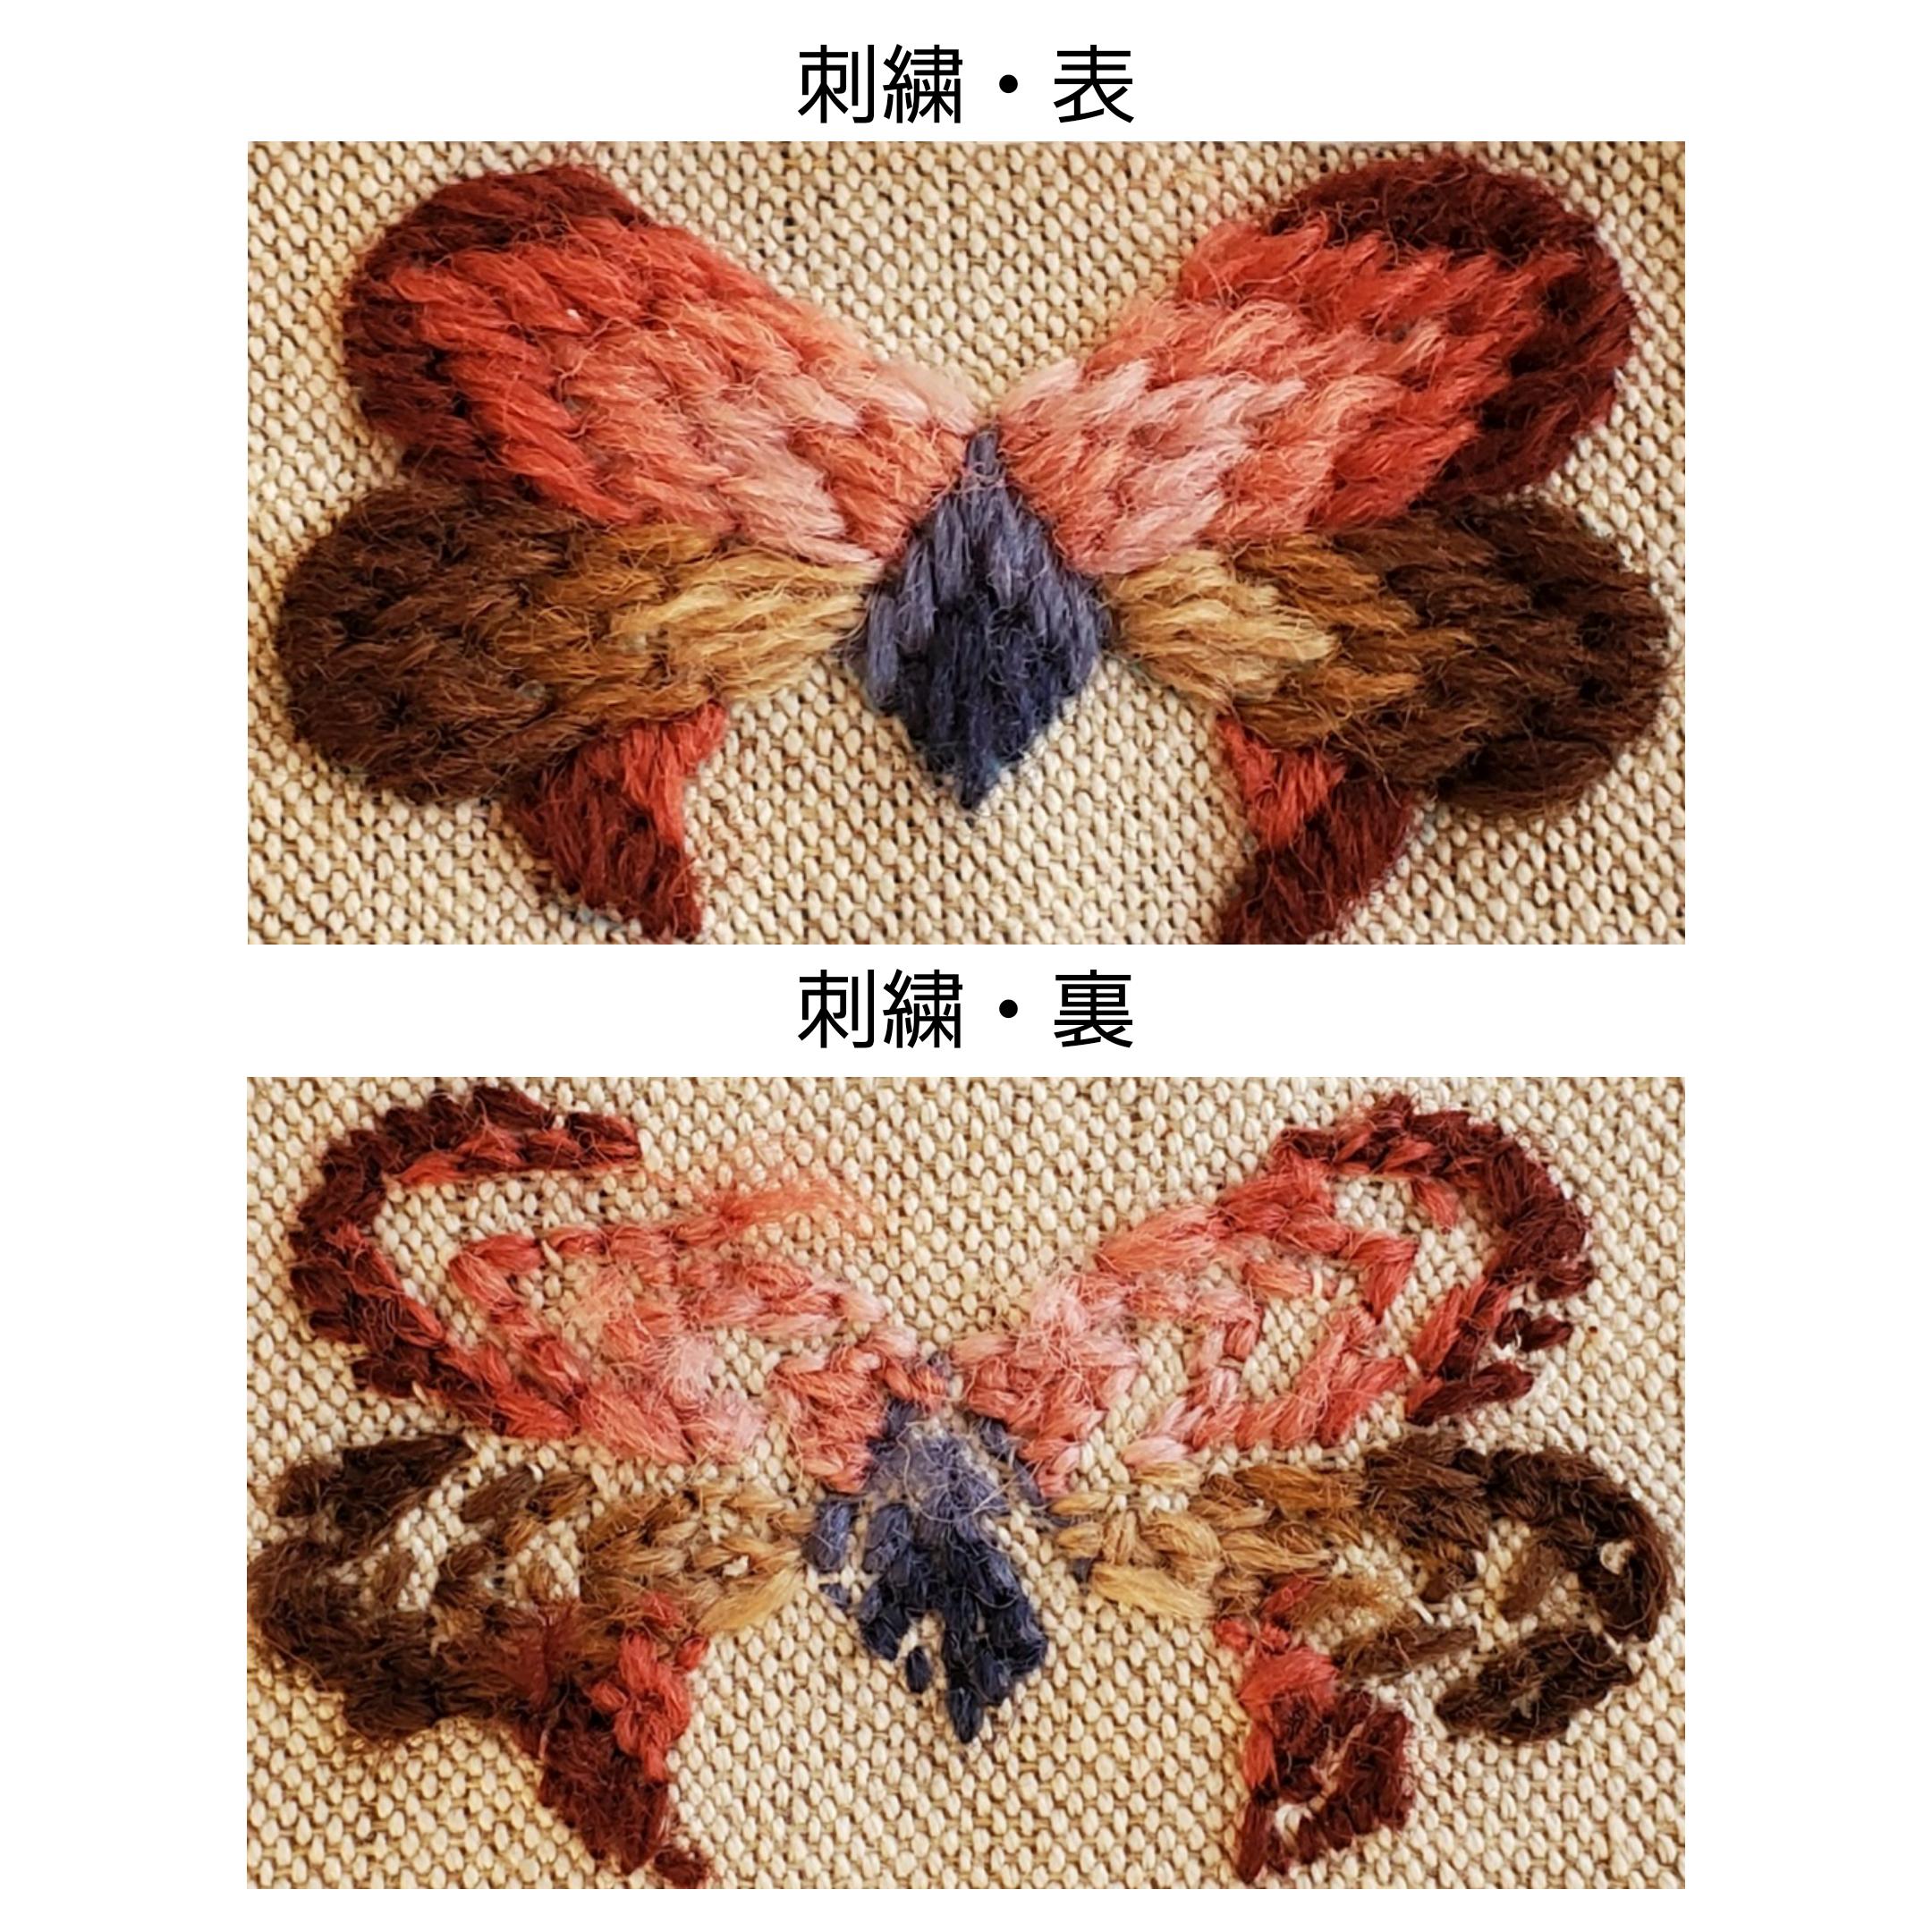 ハンガリー毛糸刺繍初めてさん用/テトラポーチキット